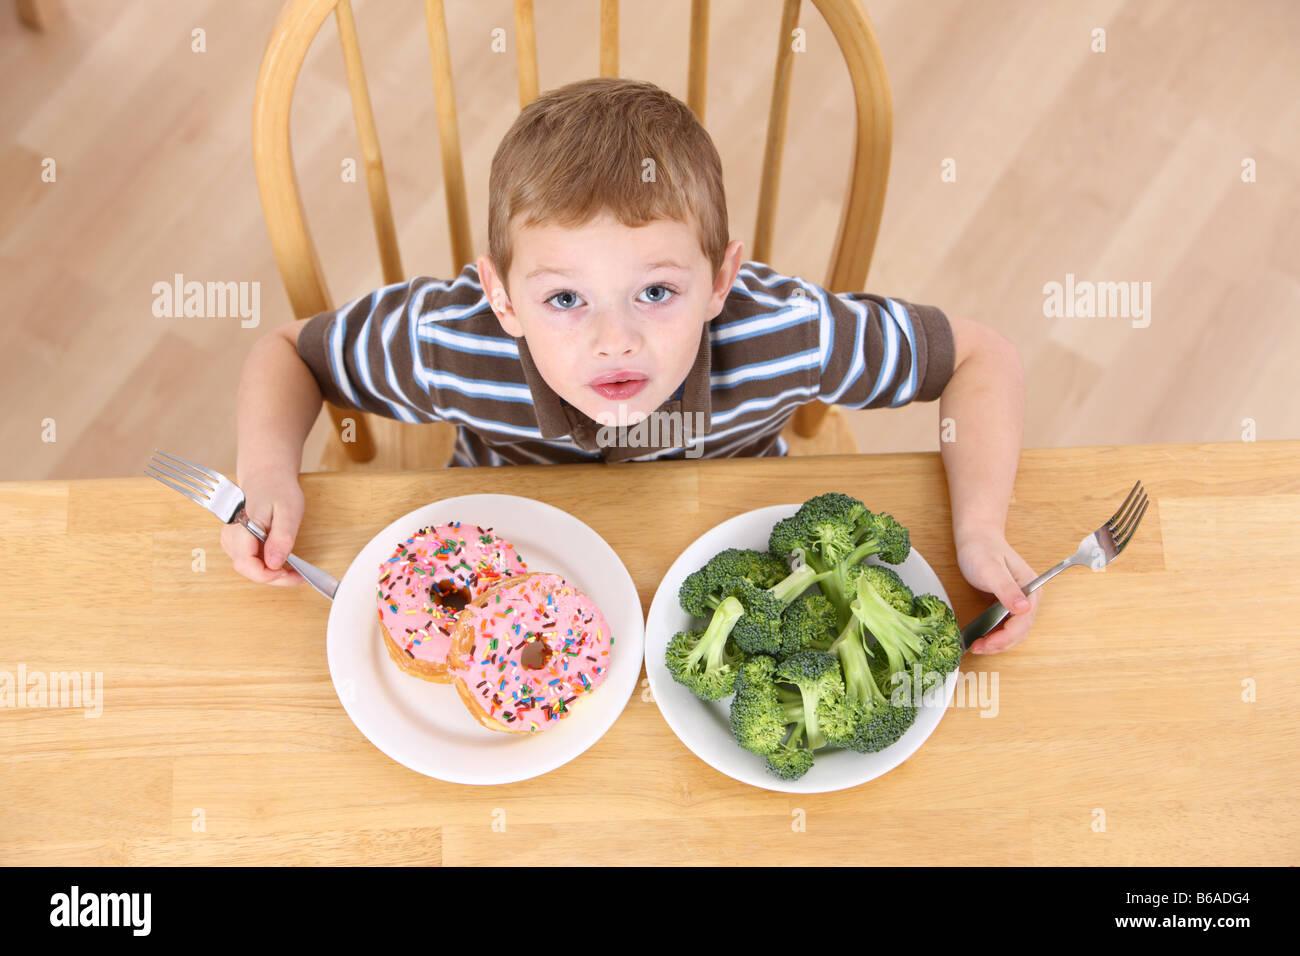 Jeune garçon avec des plaques de brocoli et les beignes Photo Stock